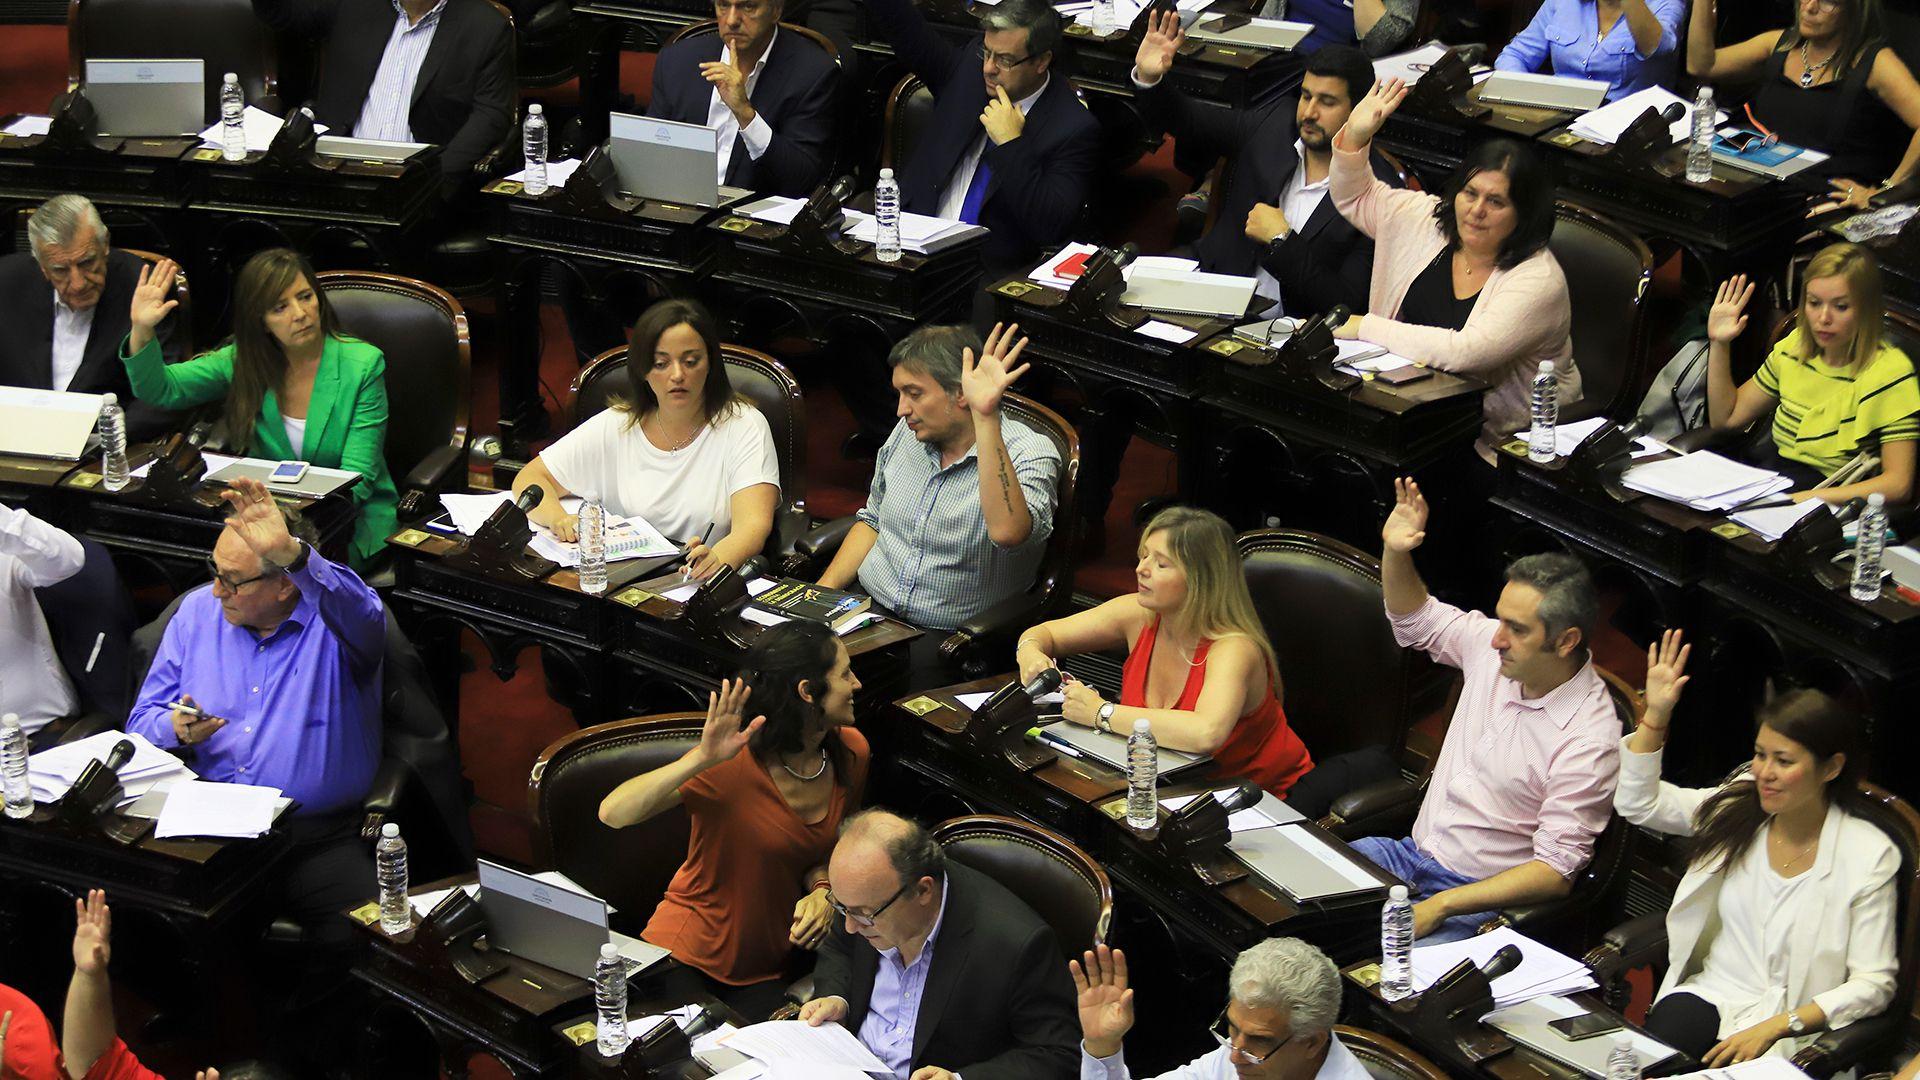 El acuerdo se logró luego de una extensa negociación entre el oficialismo y la oposición (Foto: HUGO VILLALOBOS)